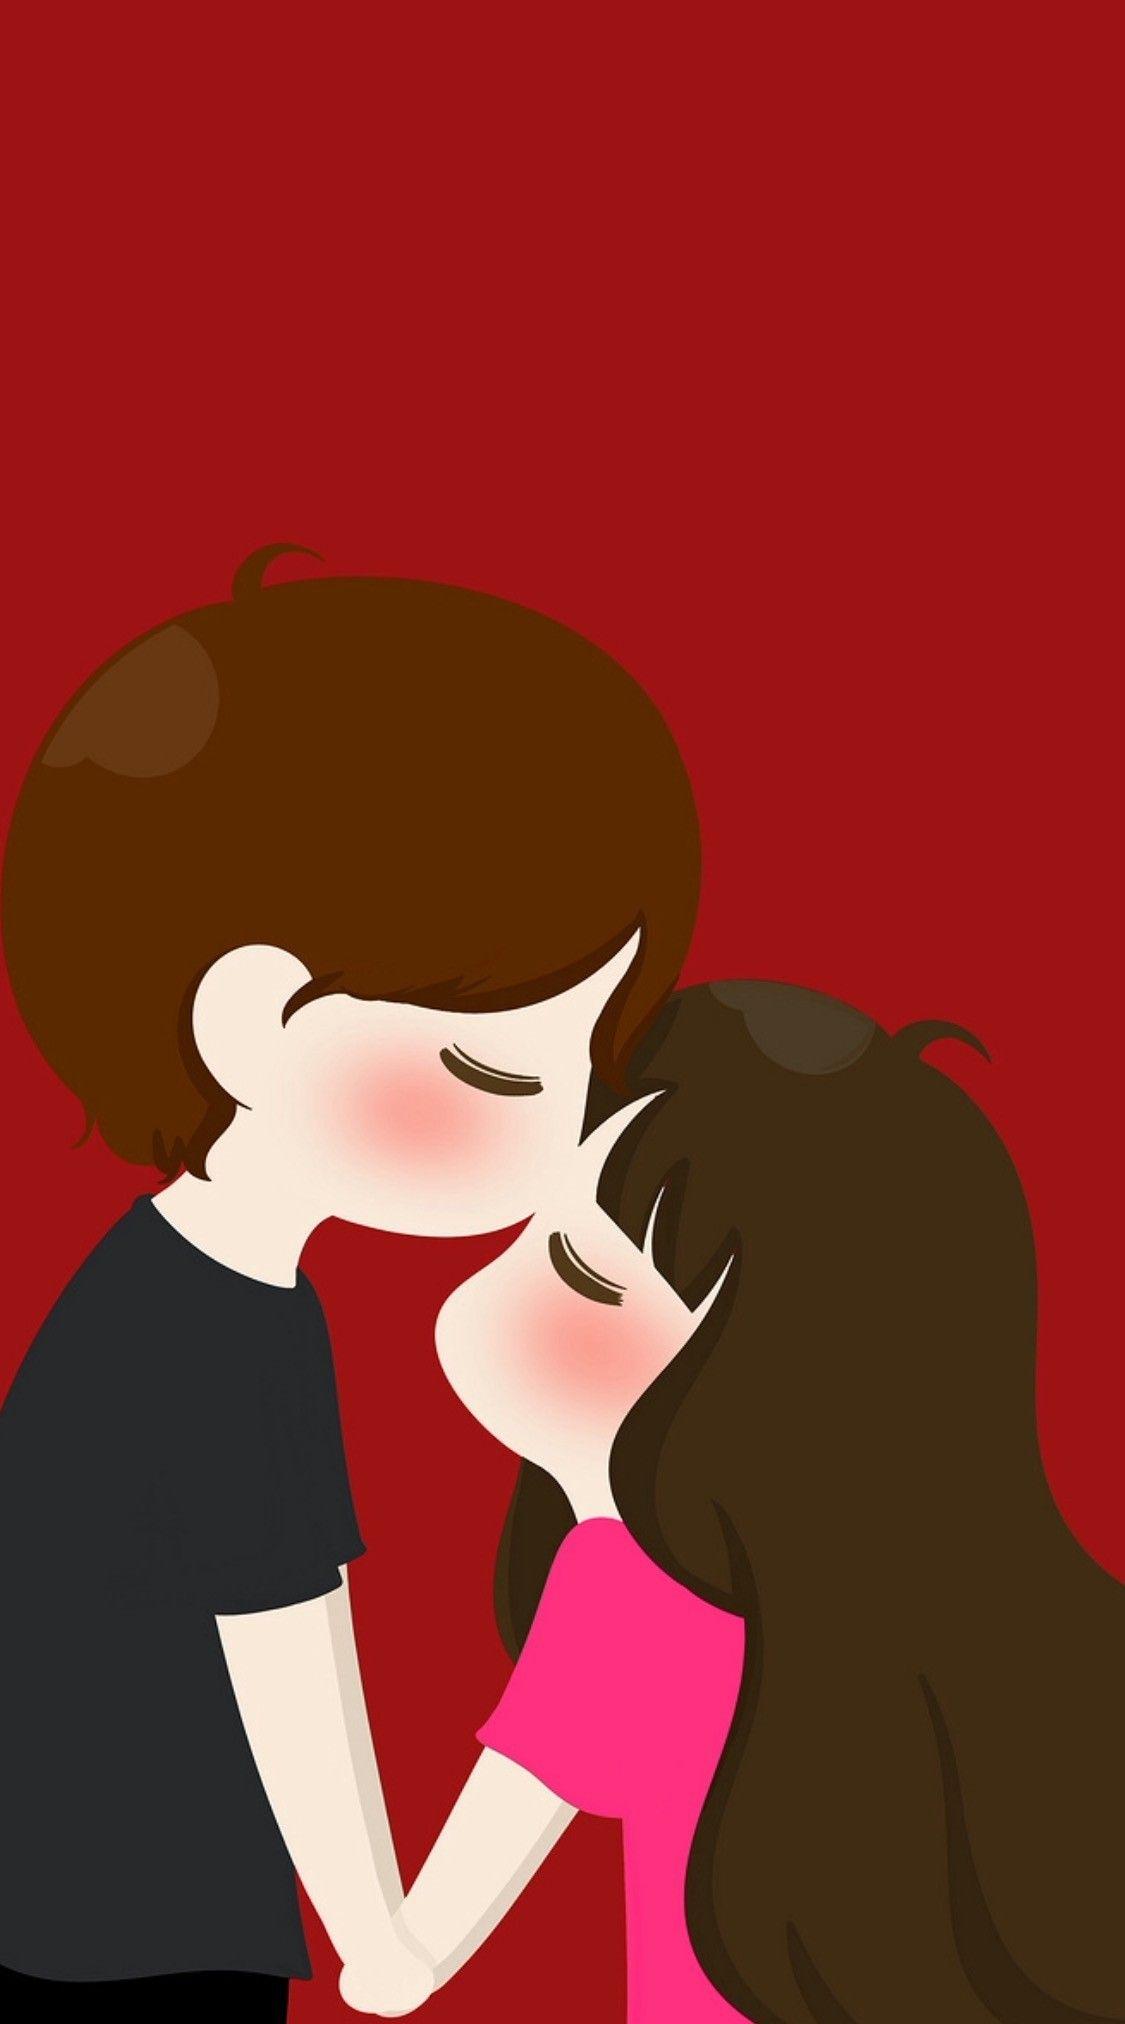 Cartun Cute Cute Love Cartoons Cartoons Love Love Cartoon Couple